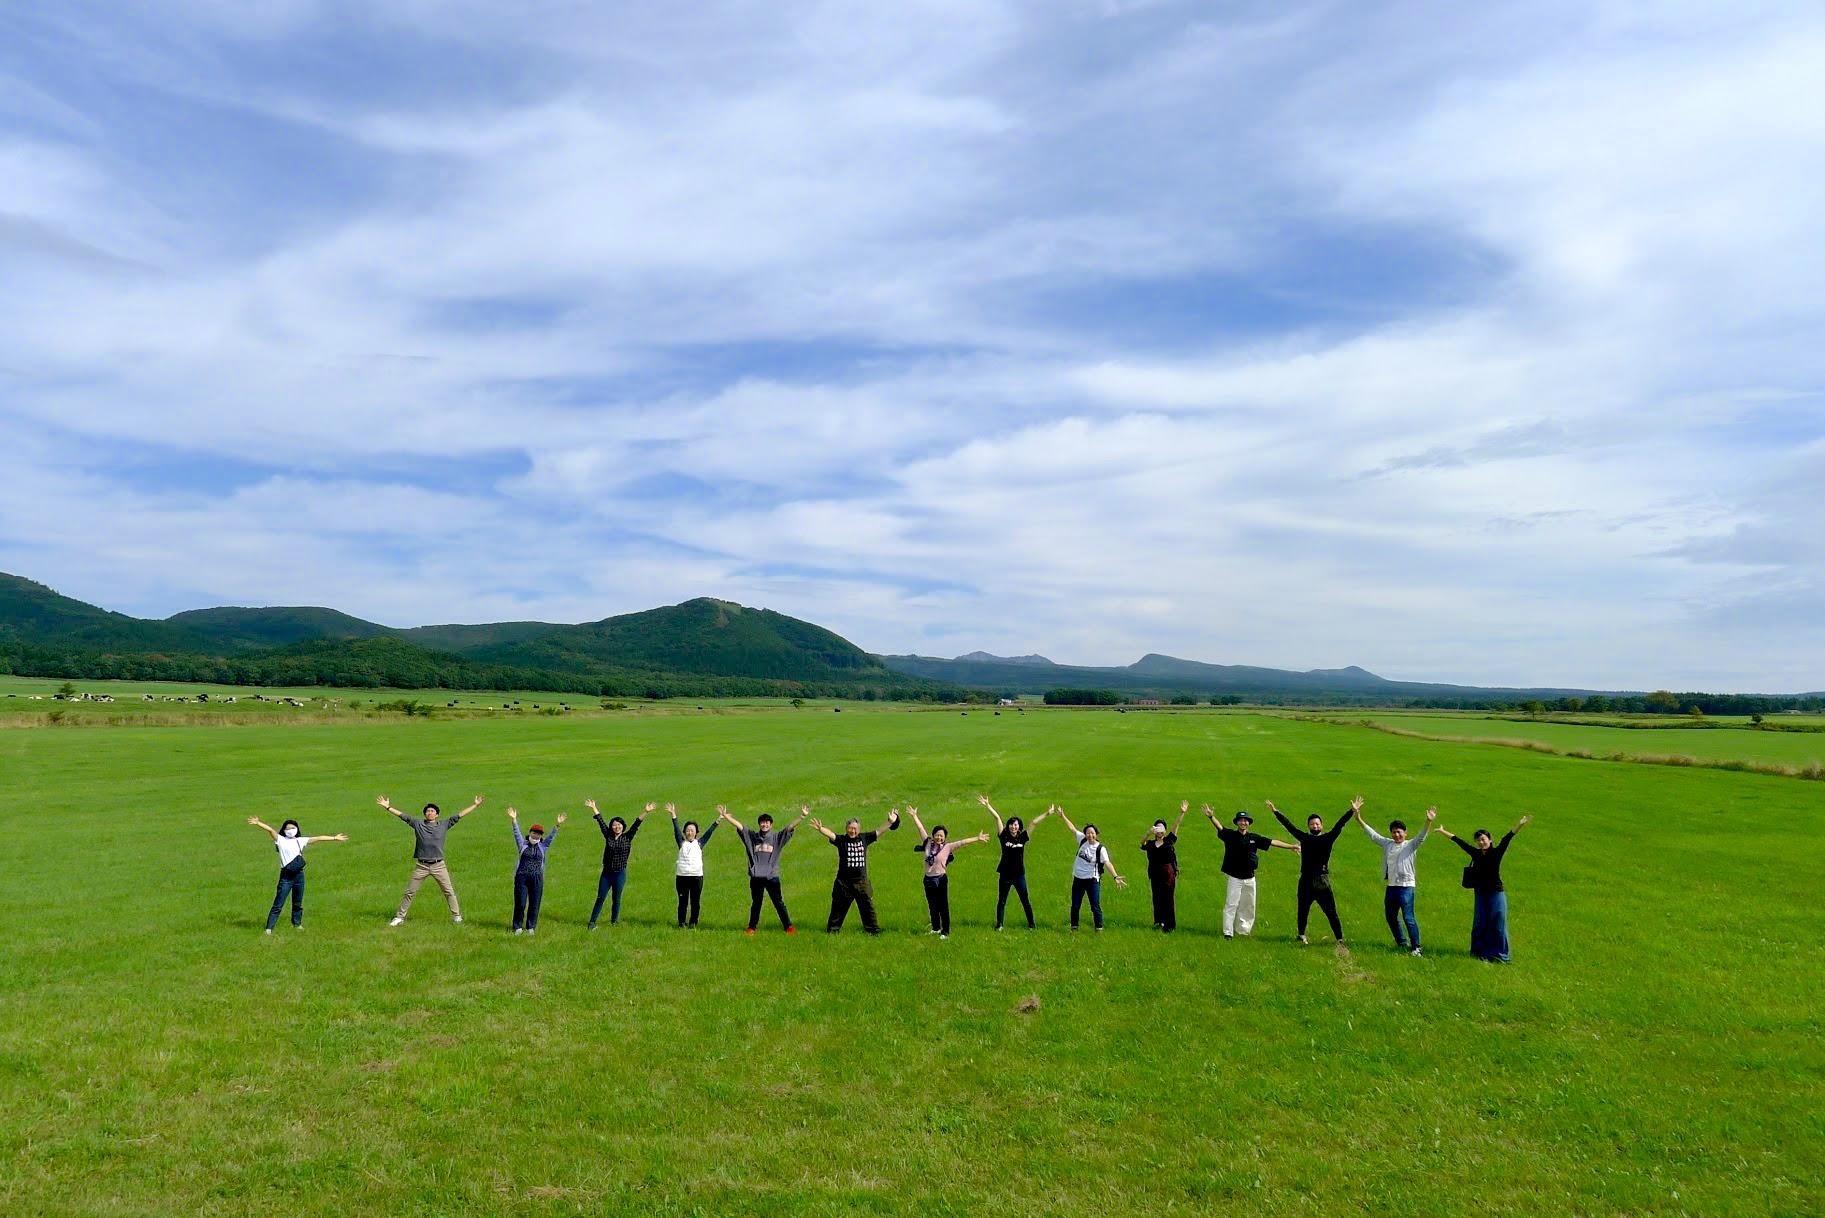 渡辺体験牧場での集合写真